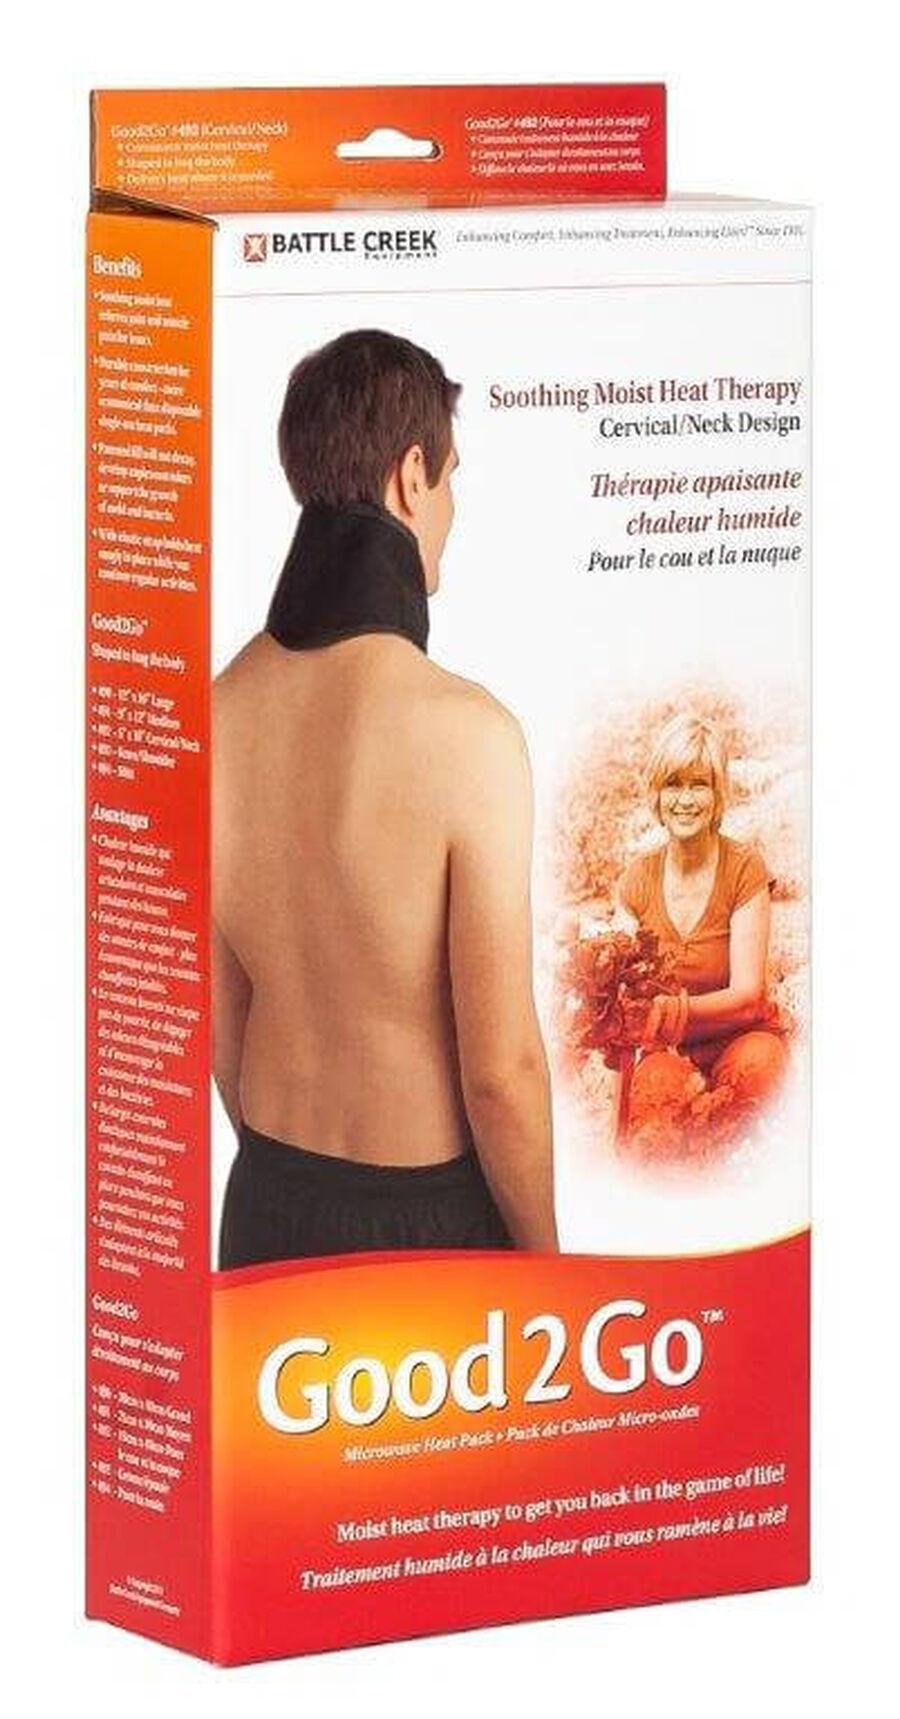 Battle Creek Good2Go Microwave Heat Pack for Neck/Cervical, 1 ea, , large image number 2